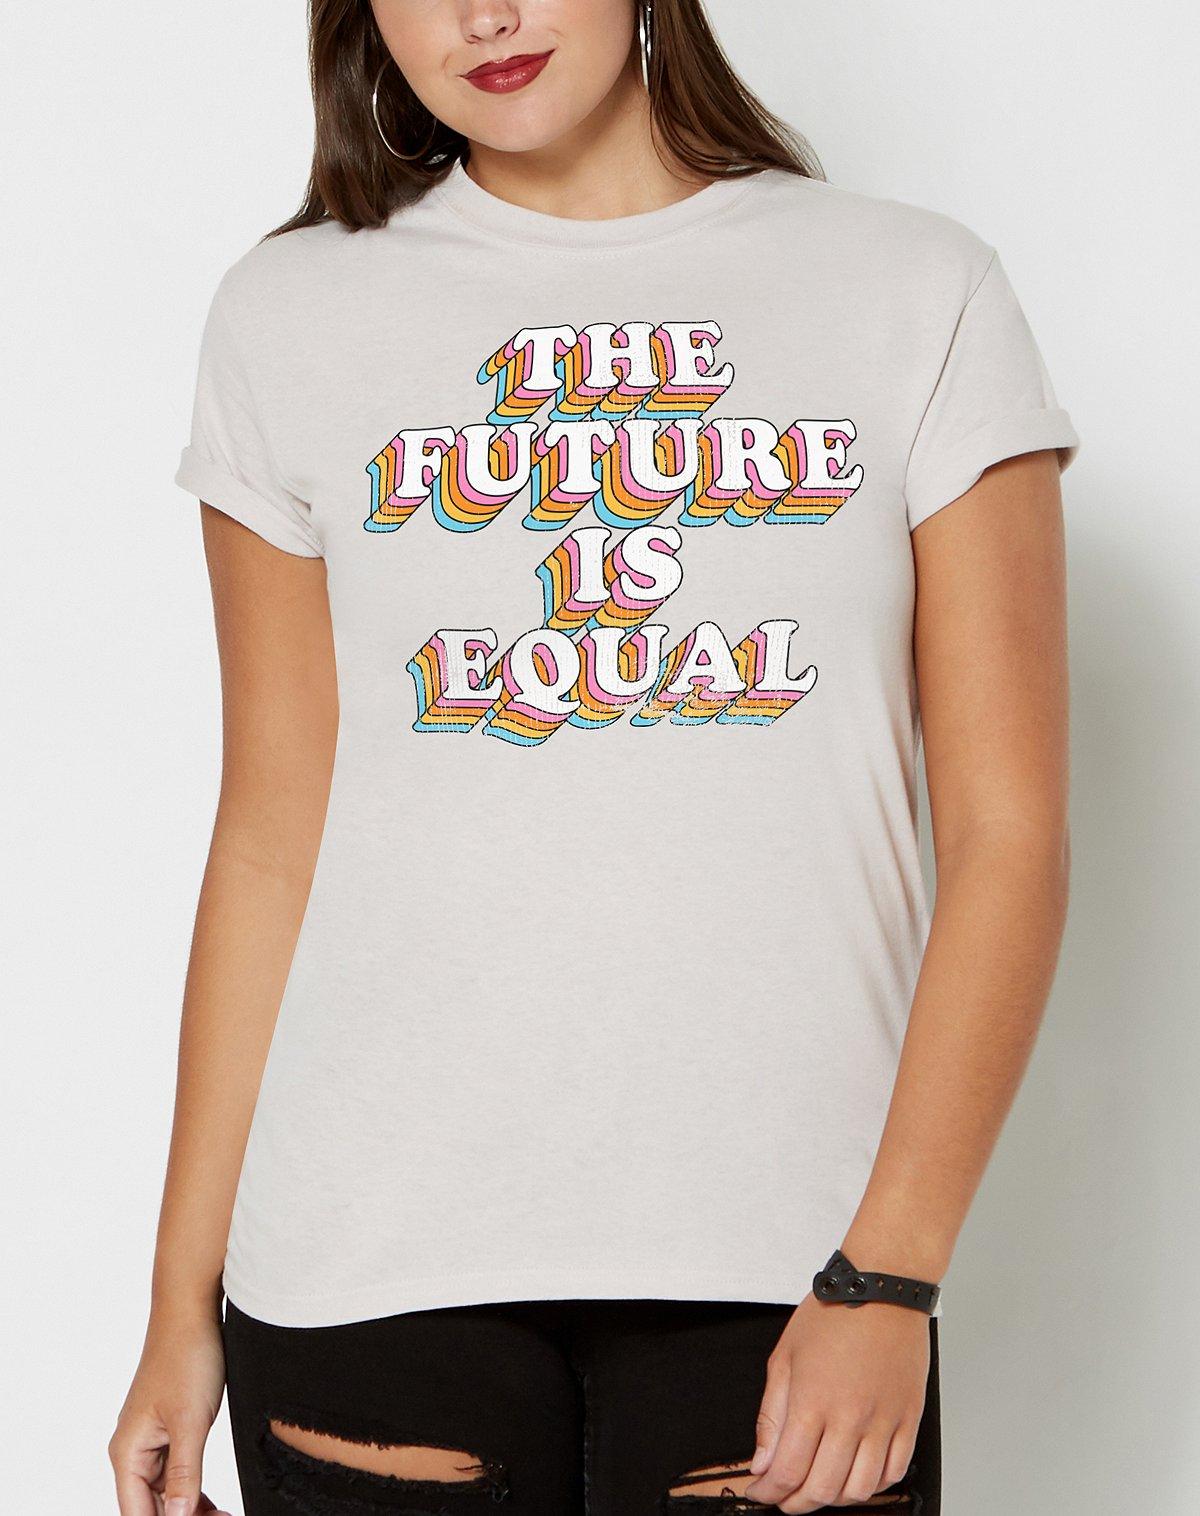 Pride equal